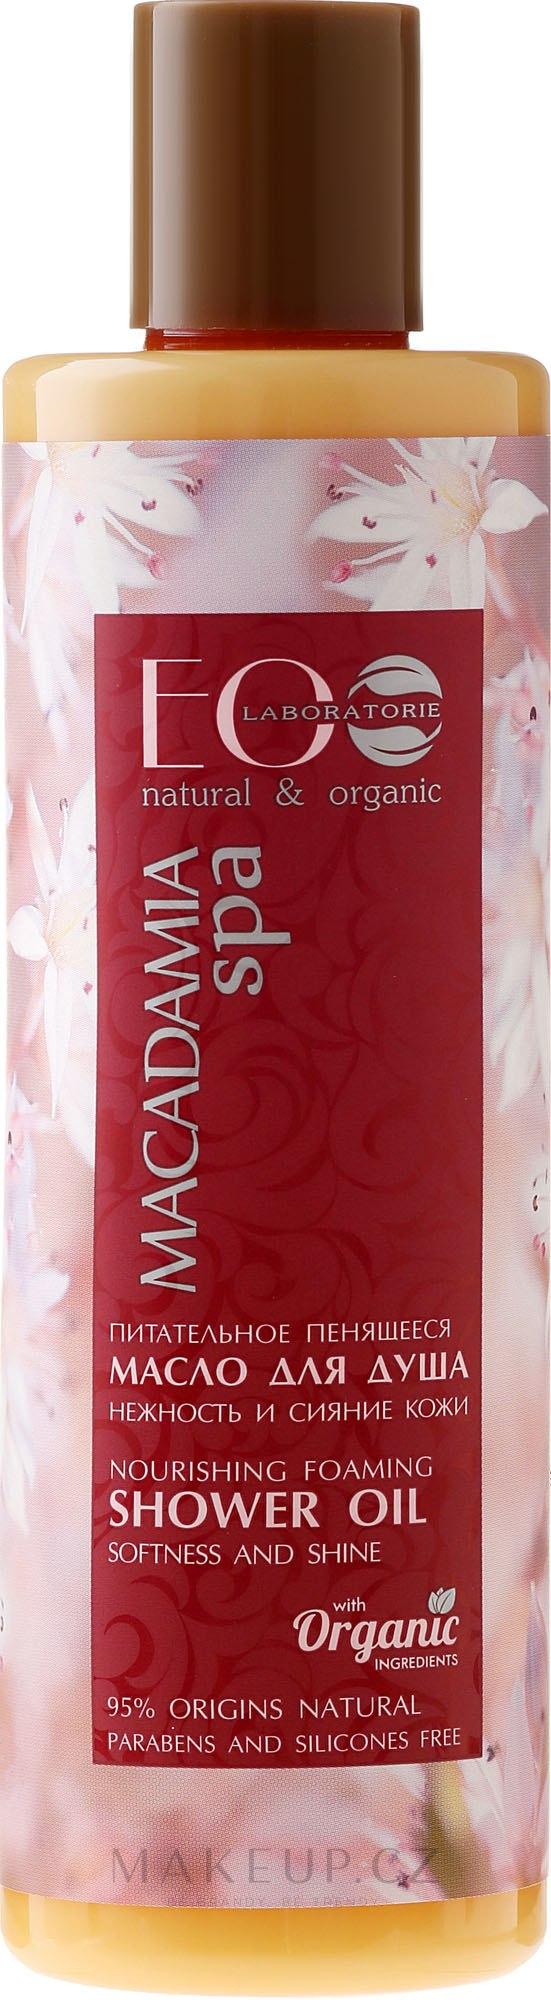 Vyživný pěnivý olej do sprchy pro jemnou a zářící pokožku - ECO Laboratorie Macadamia SPA Shower Oil — foto 250 ml